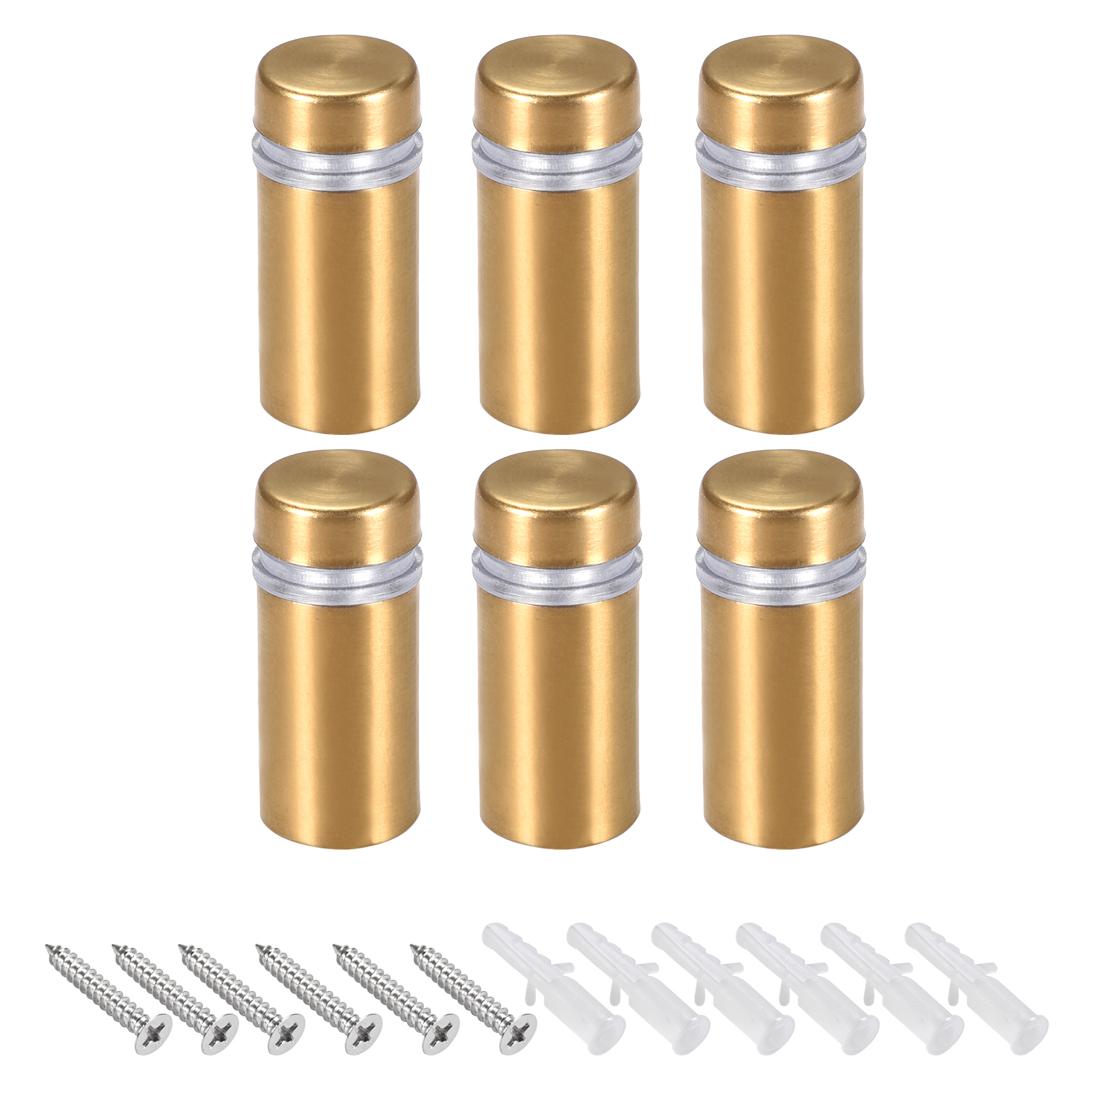 Glass Standoff Mount Wall Standoff Nails 12mm Dia 28mm Length Golden 6 Pcs